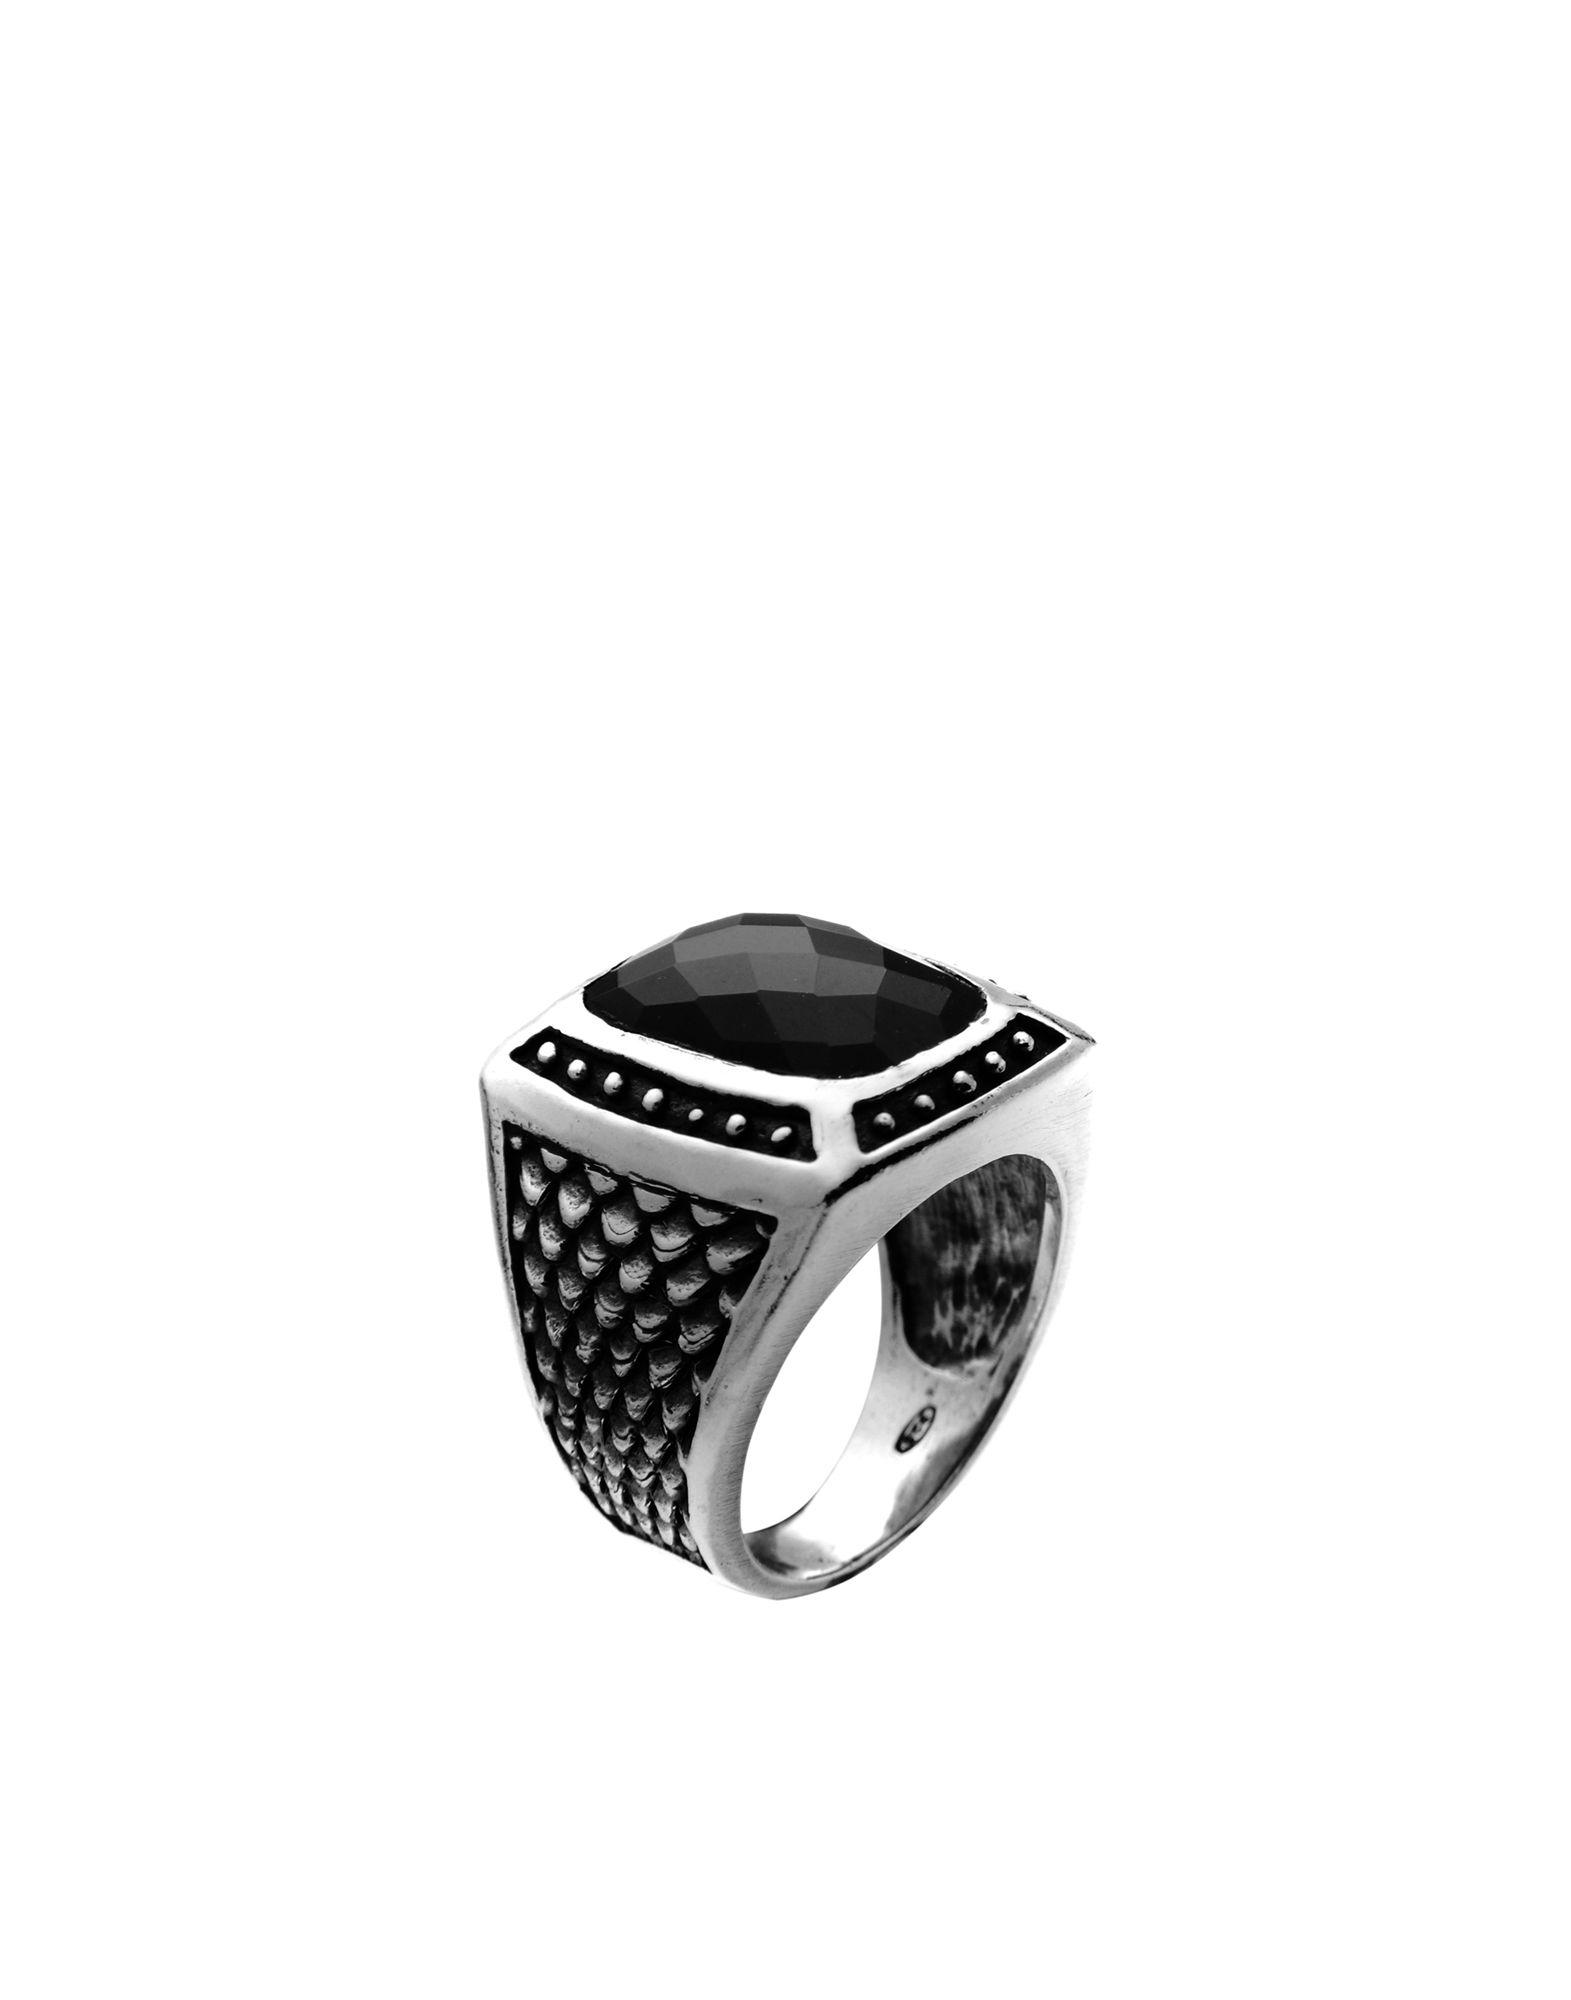 《セール開催中》FIRST PEOPLE FIRST メンズ 指輪 シルバー 20 シルバー925/1000 / オニキス ANELLO SQUASSO & ONICE